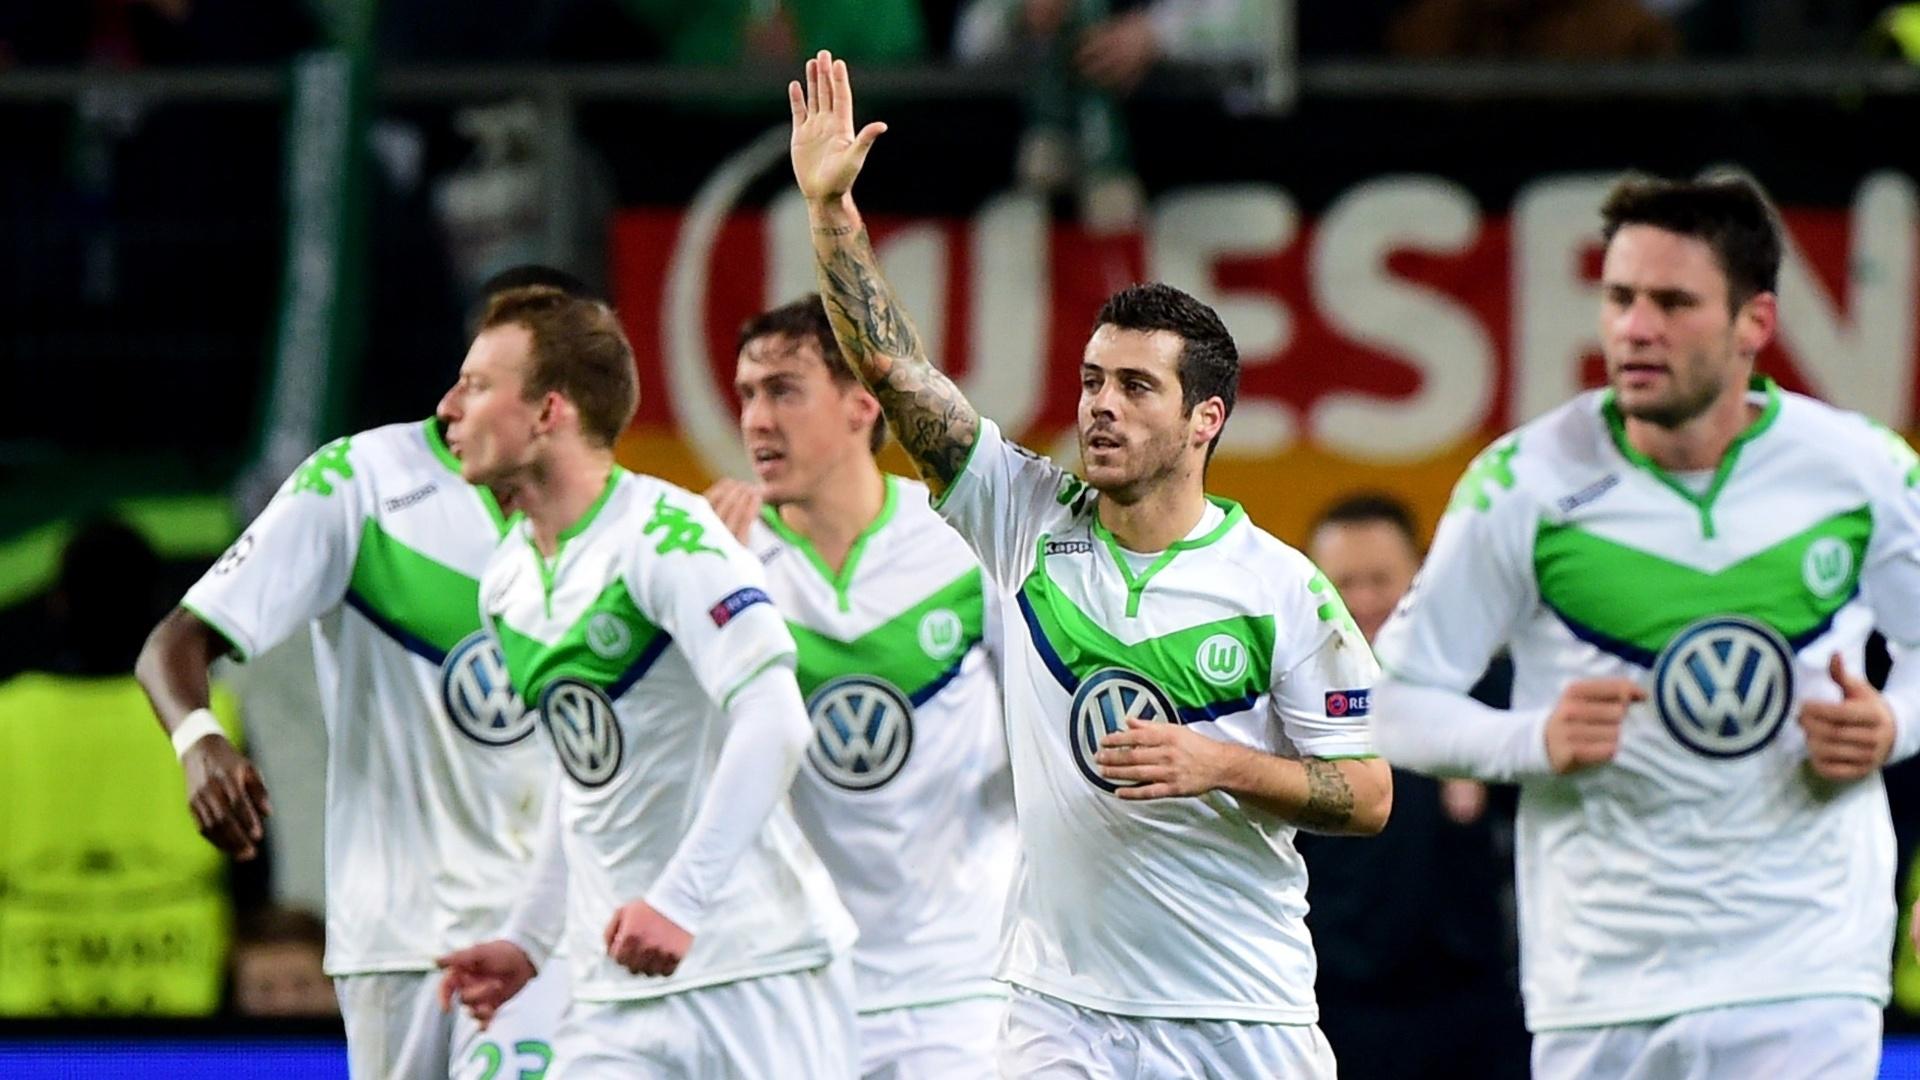 Vierinha comemora gol contra o Manchester United, em vitória do Wolfsburg por 3 a 2